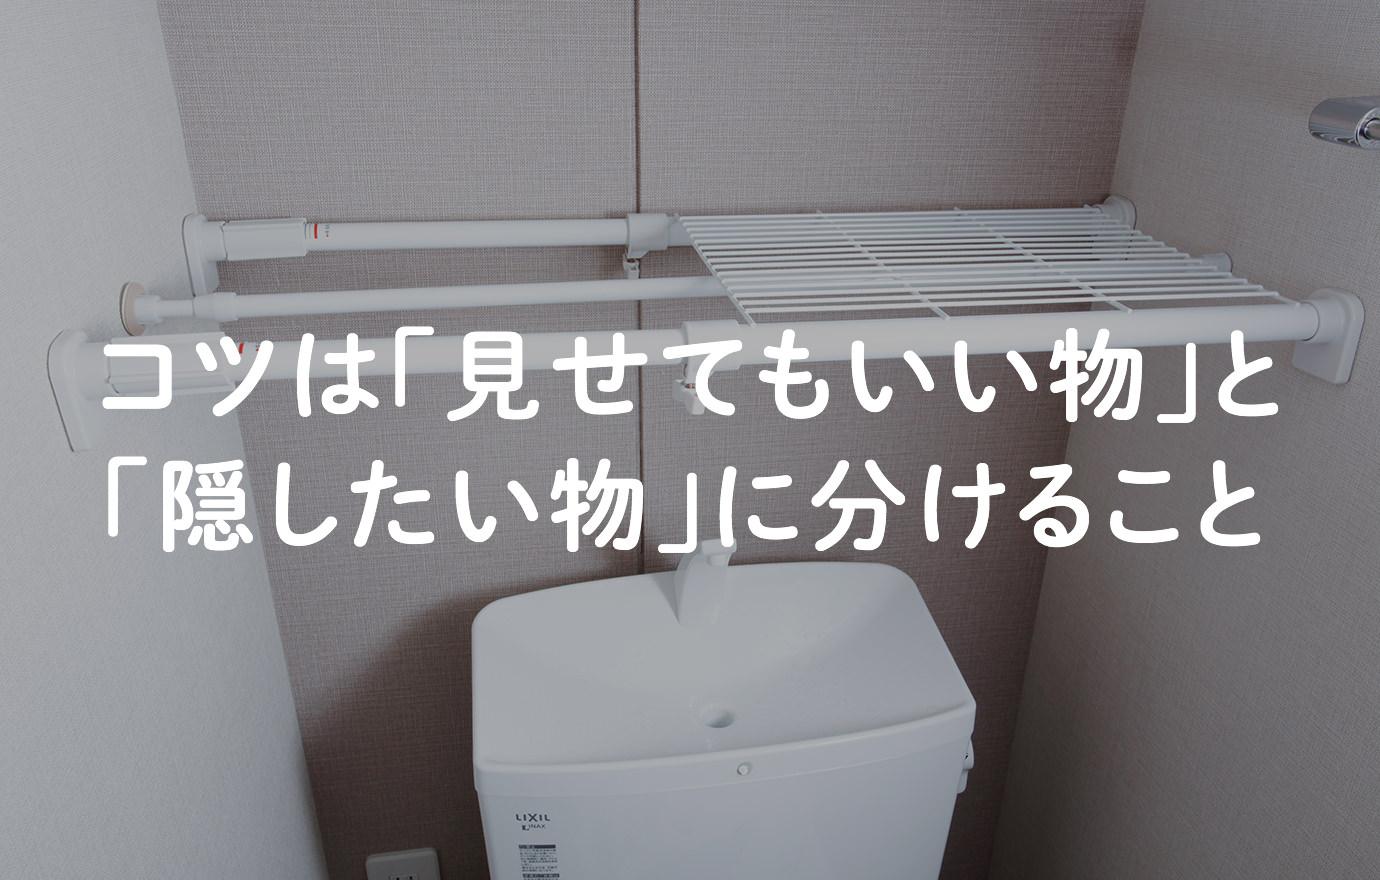 トイレの収納力を増やす簡単アイデア集【見せる収納・隠す収納】